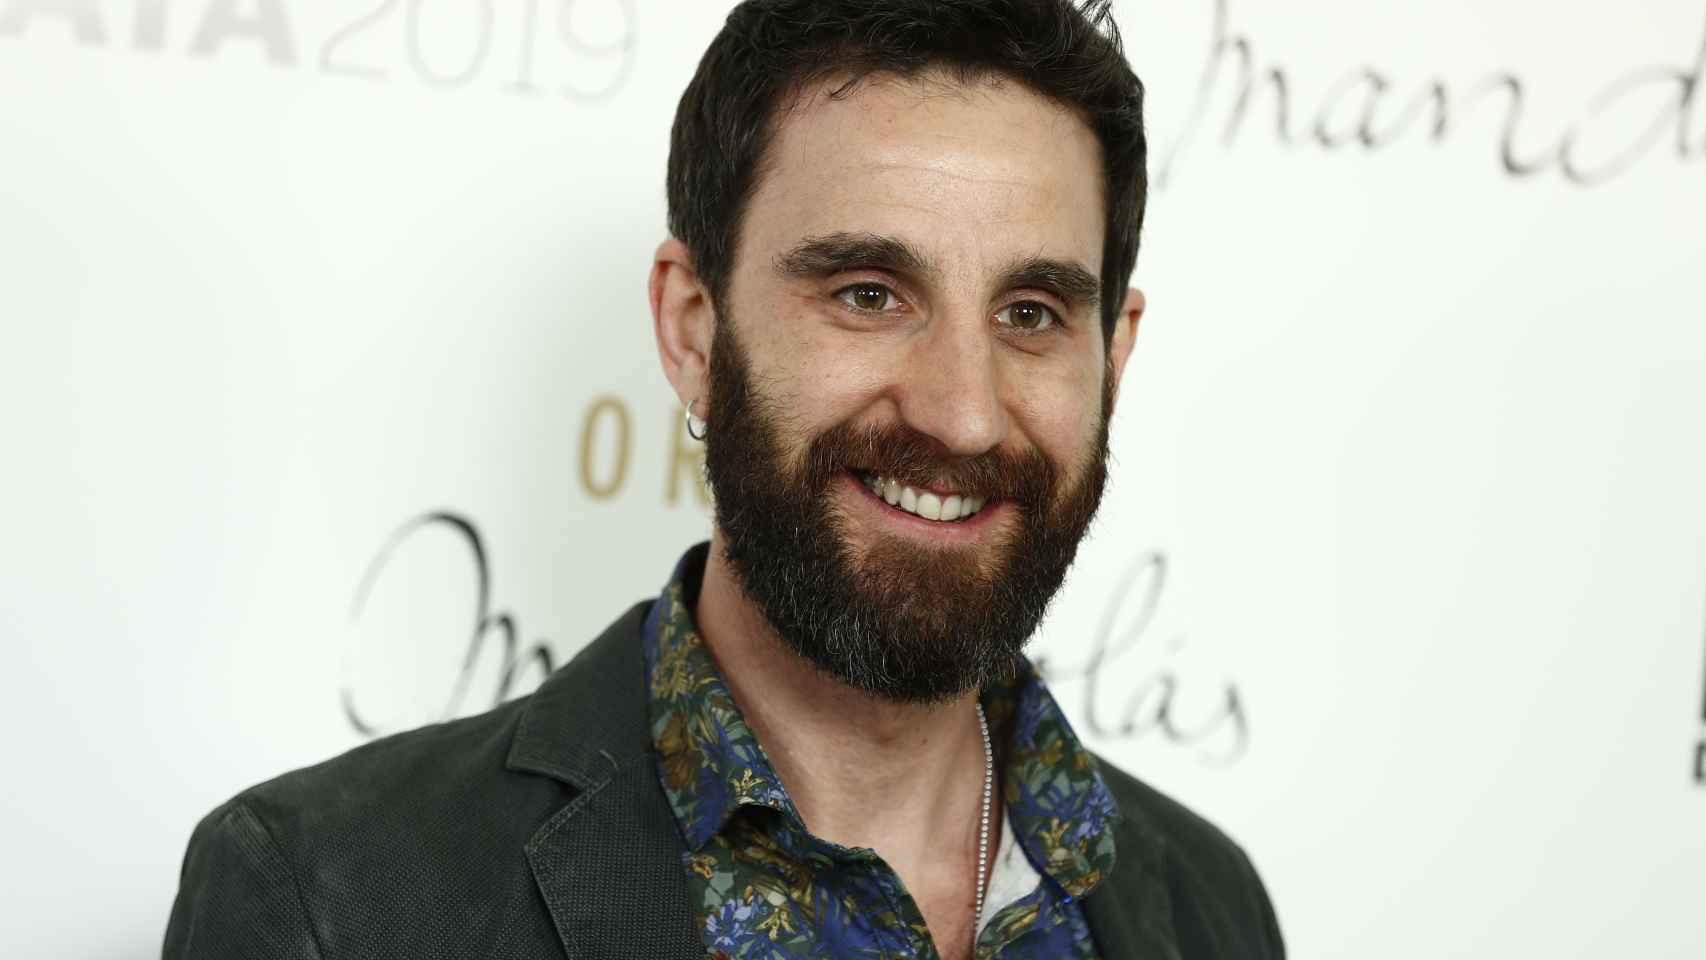 El actor fue diagnosticado de cáncer el pasado mes de marzo.